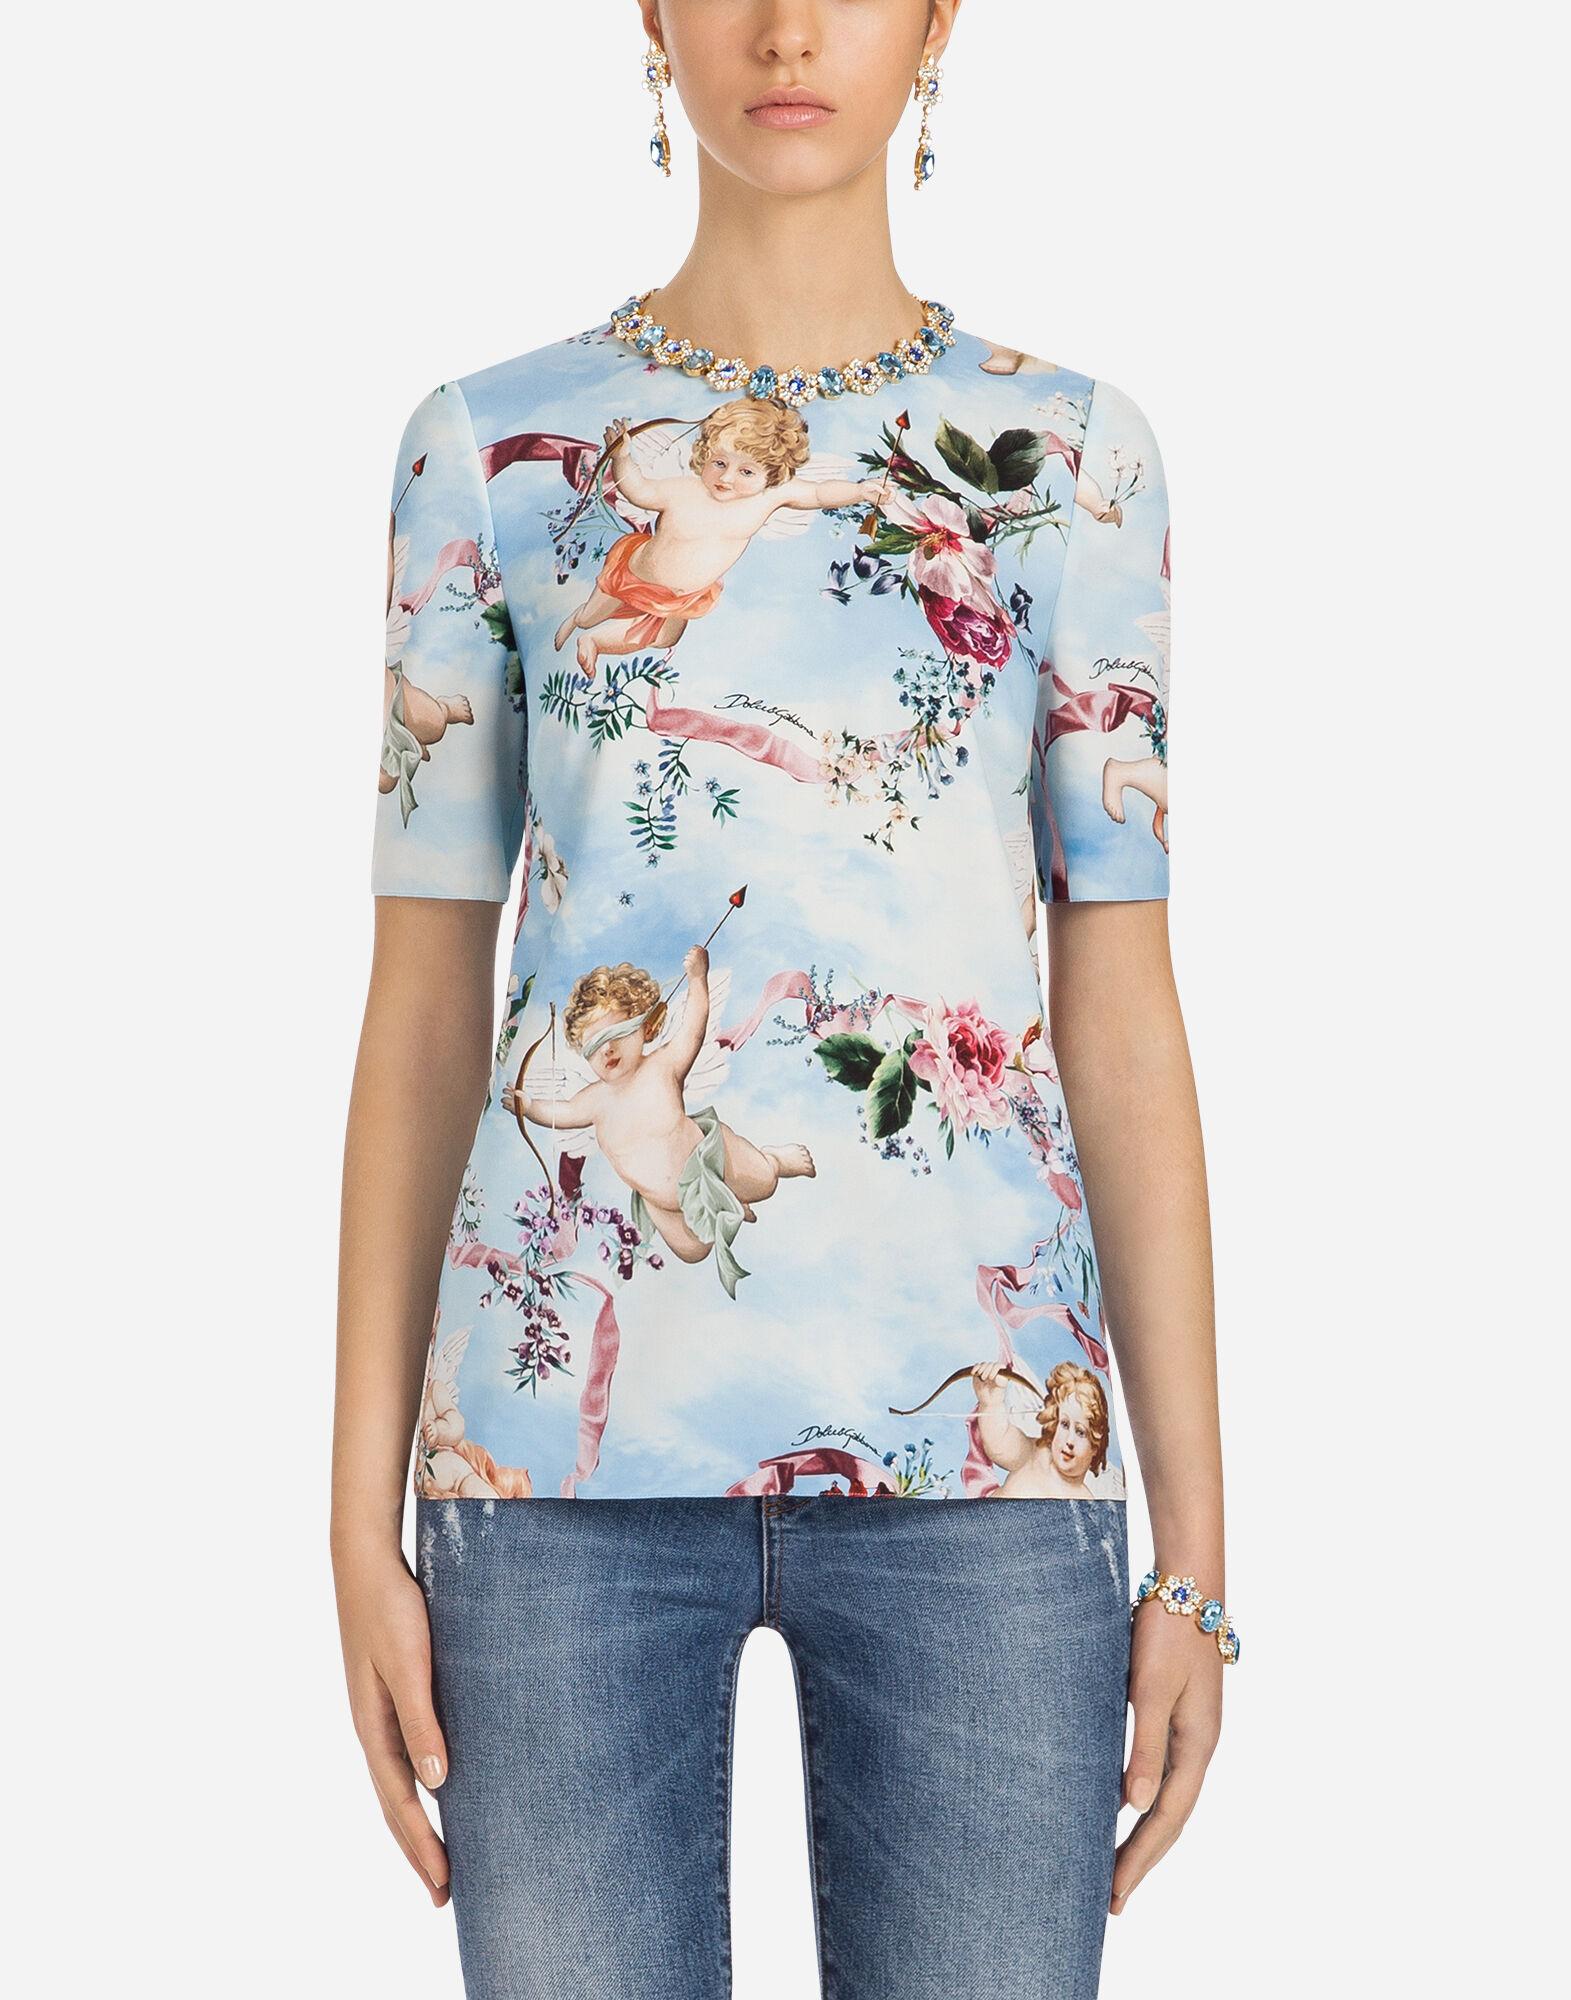 dolce gabbana t shirt purple